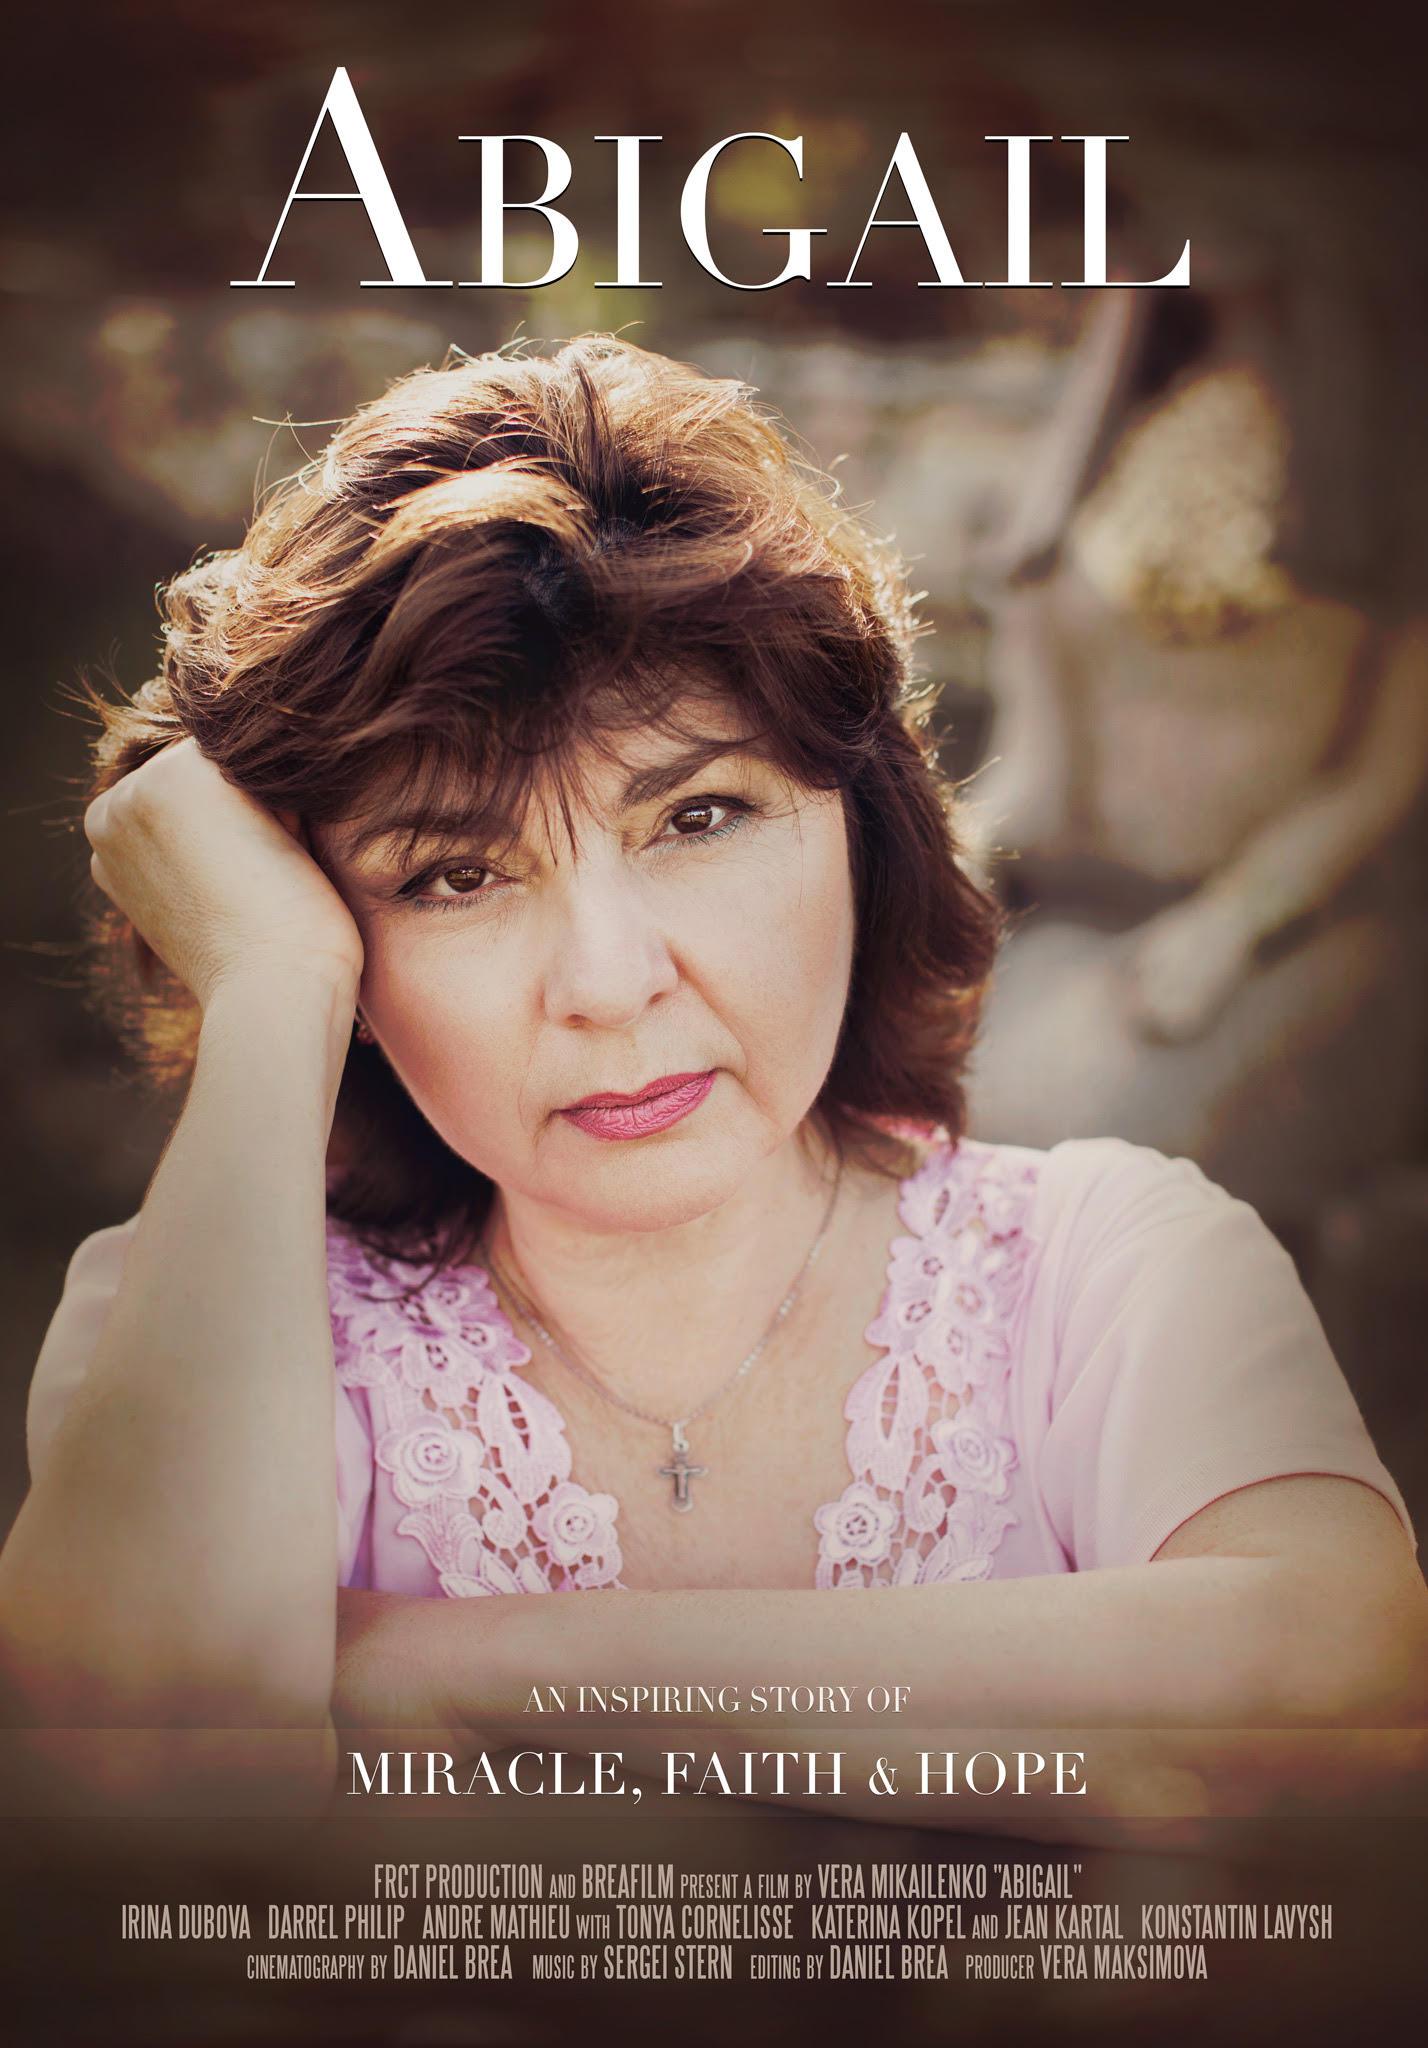 Claudette Mink